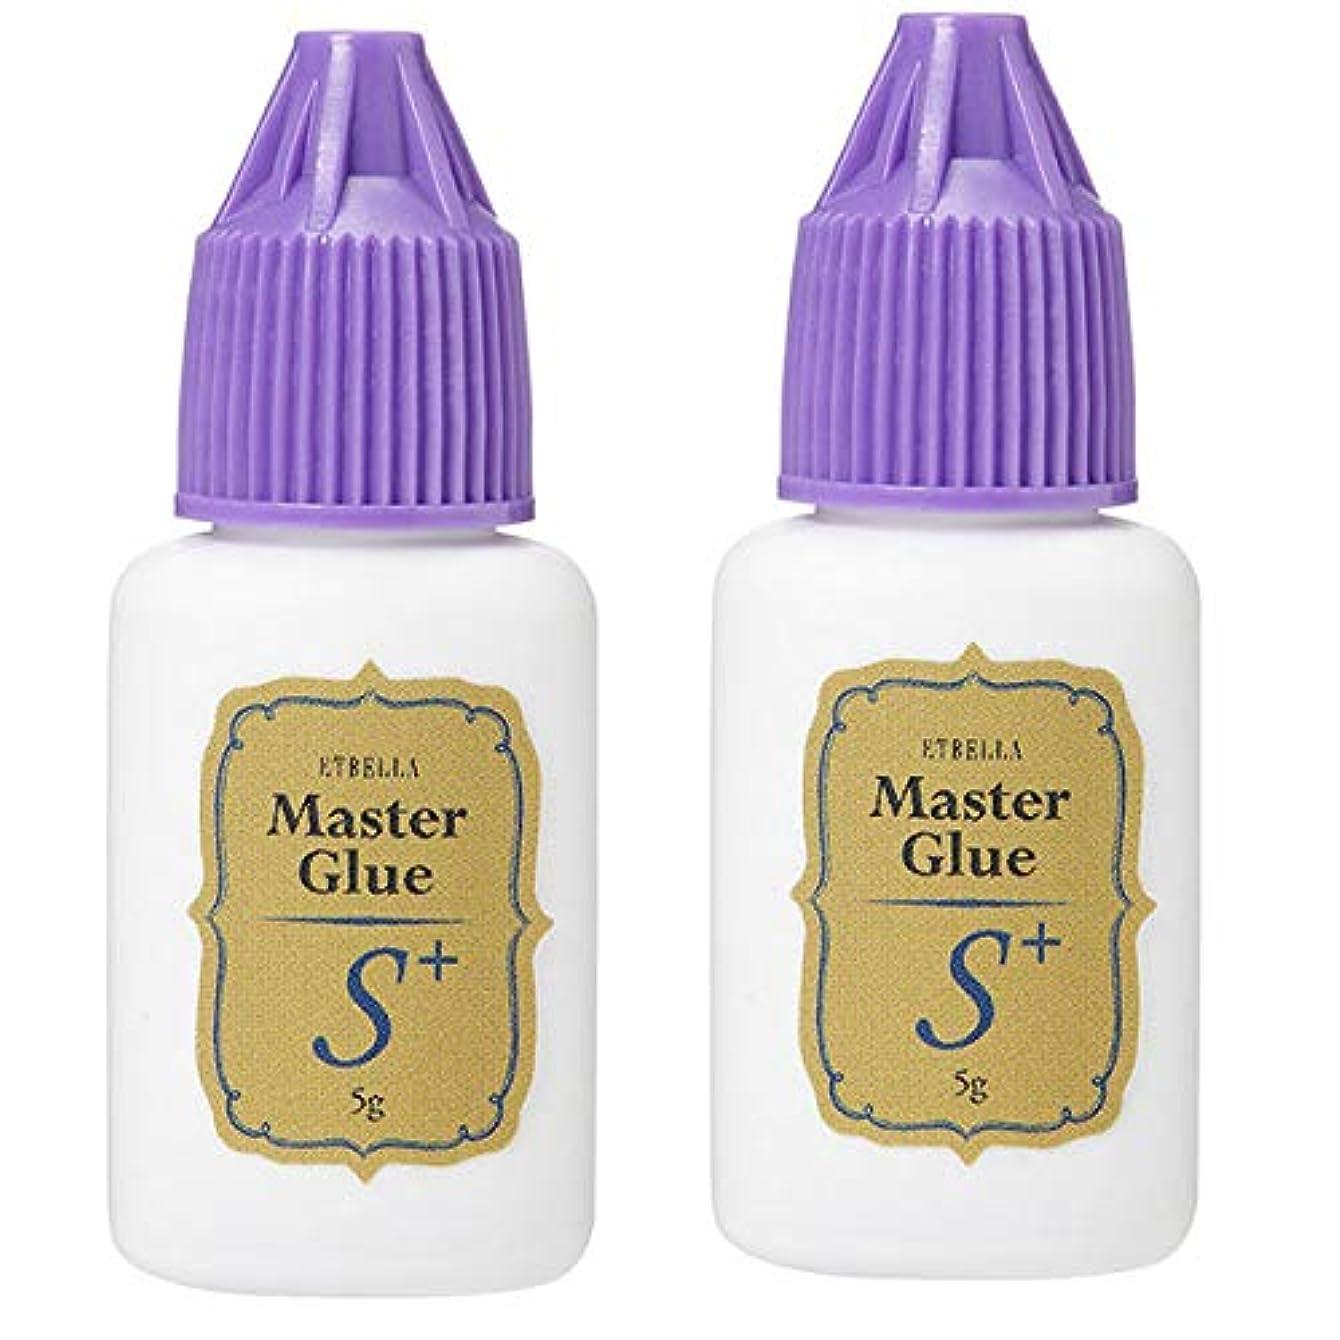 離れた有効化さびたエトゥベラ マスター S+タイプ グルー 5g (2個セット) [ まつ毛グルー マツエクグルー つけまつげ つけまつ毛 接着剤 高持続 速乾 まつげエクステ まつ毛エクステ マツエク エクステ まつげ まつ毛 業務用 ]